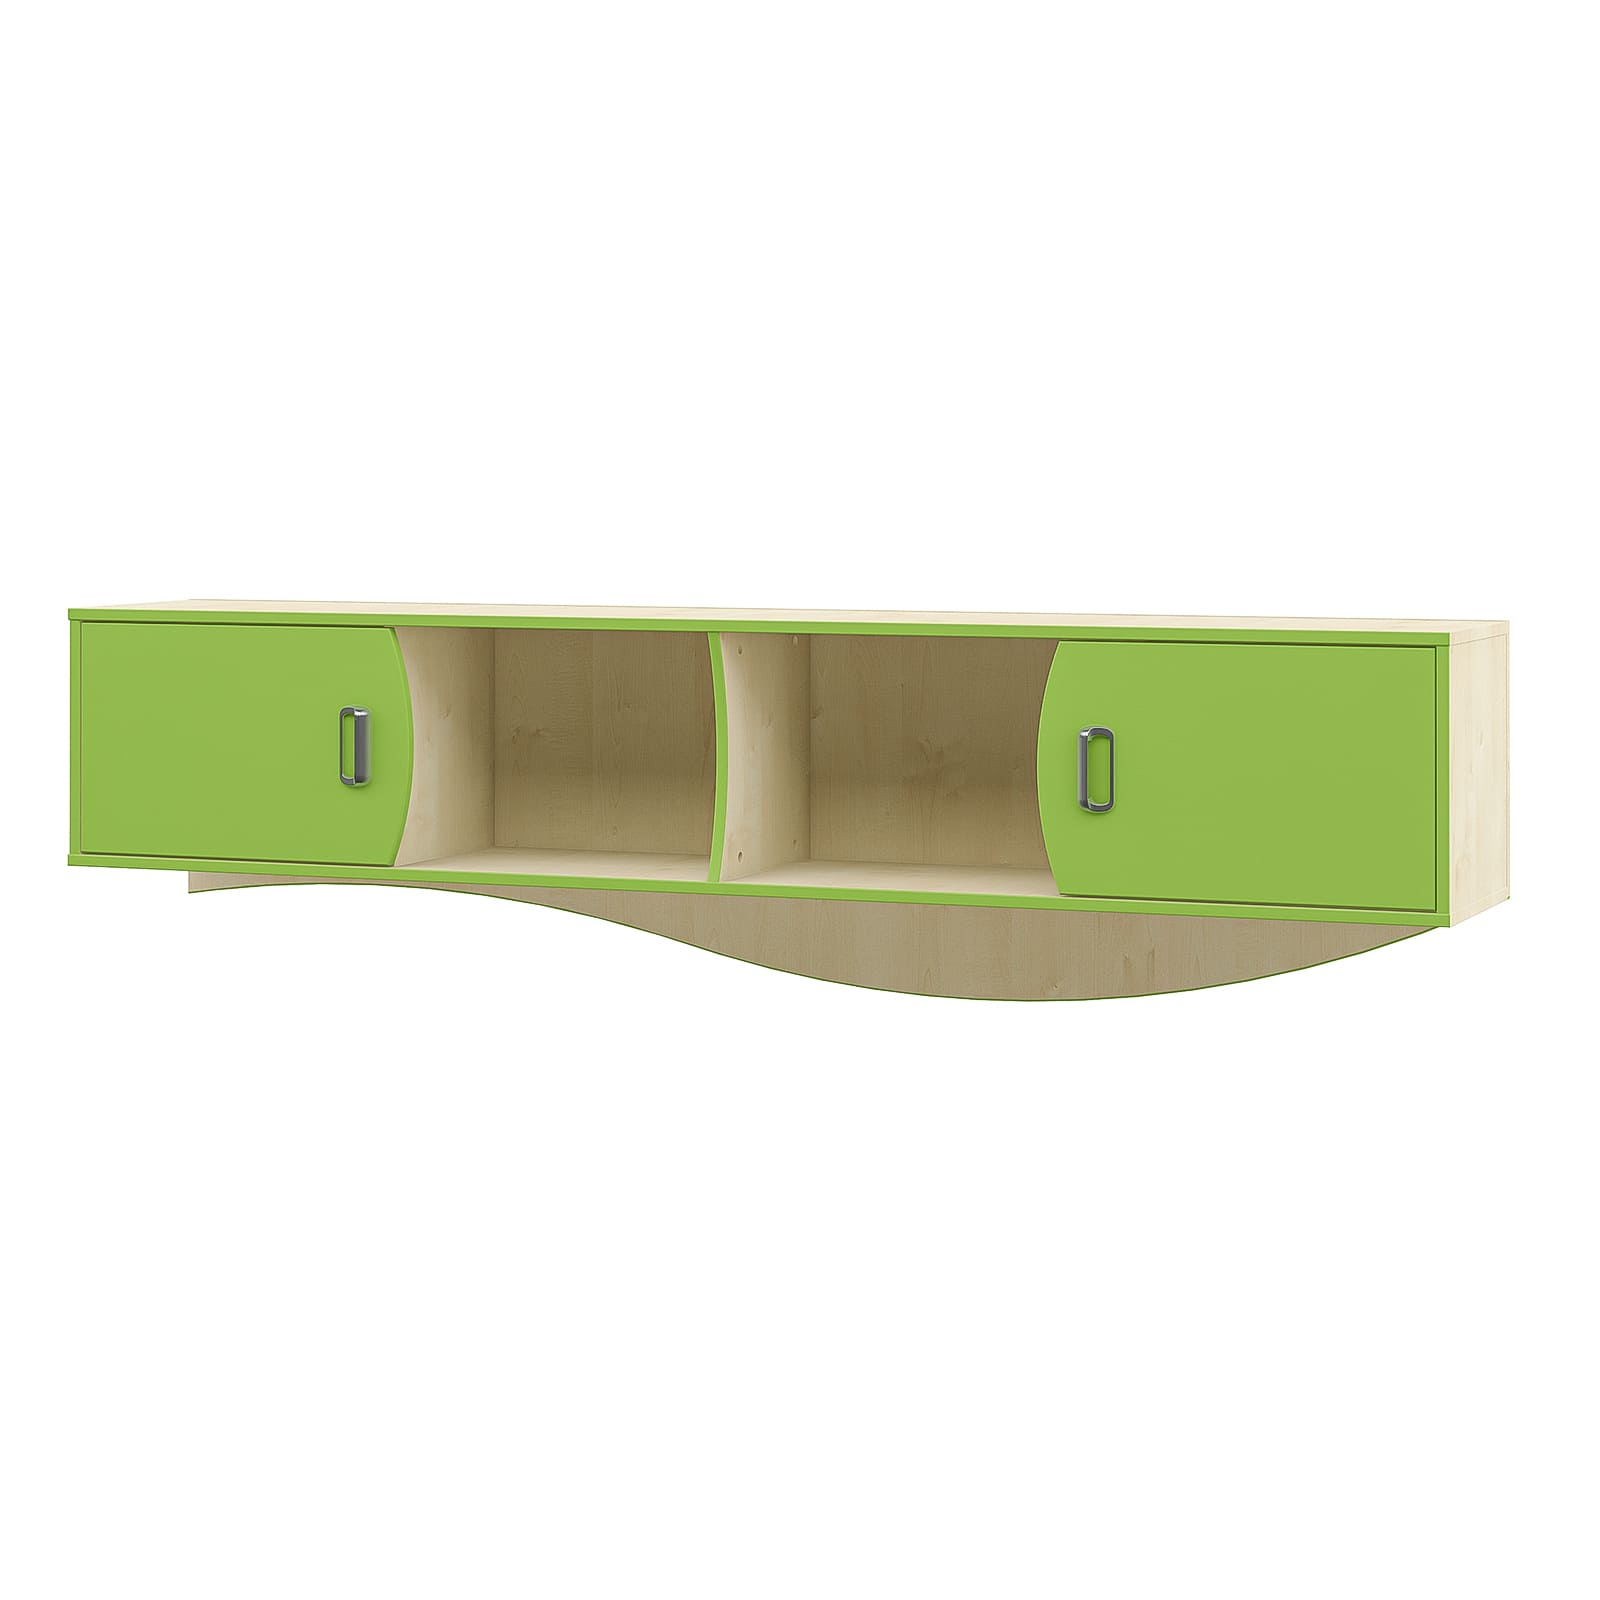 ROBIN Kinderzimmer Hängeschrank mit Regalen, Grün / Beige-0